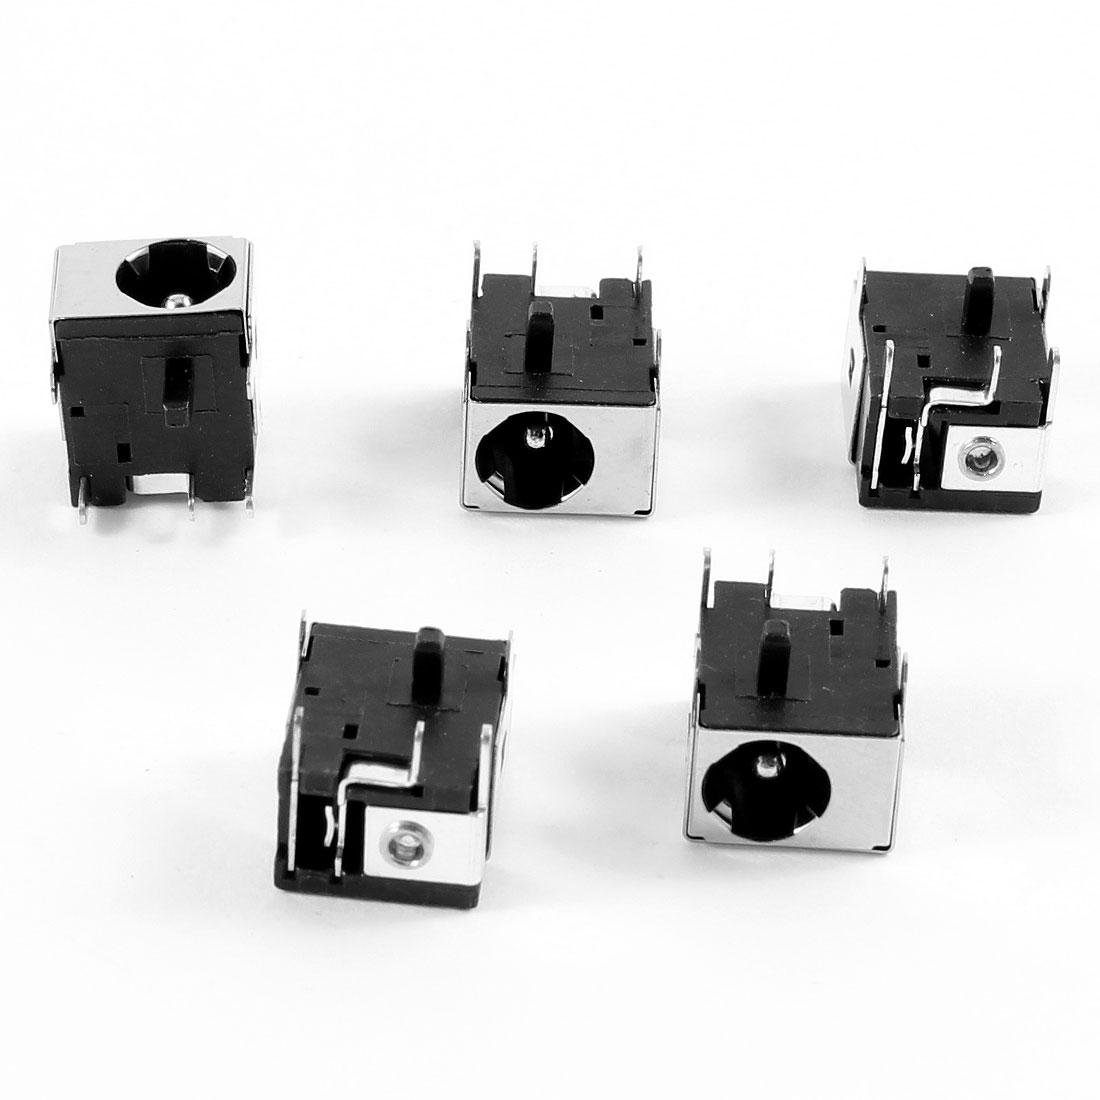 5 Pcs PJ003SB DC Power Jack Connector for Gateway Solo 150 3300 3350 3450